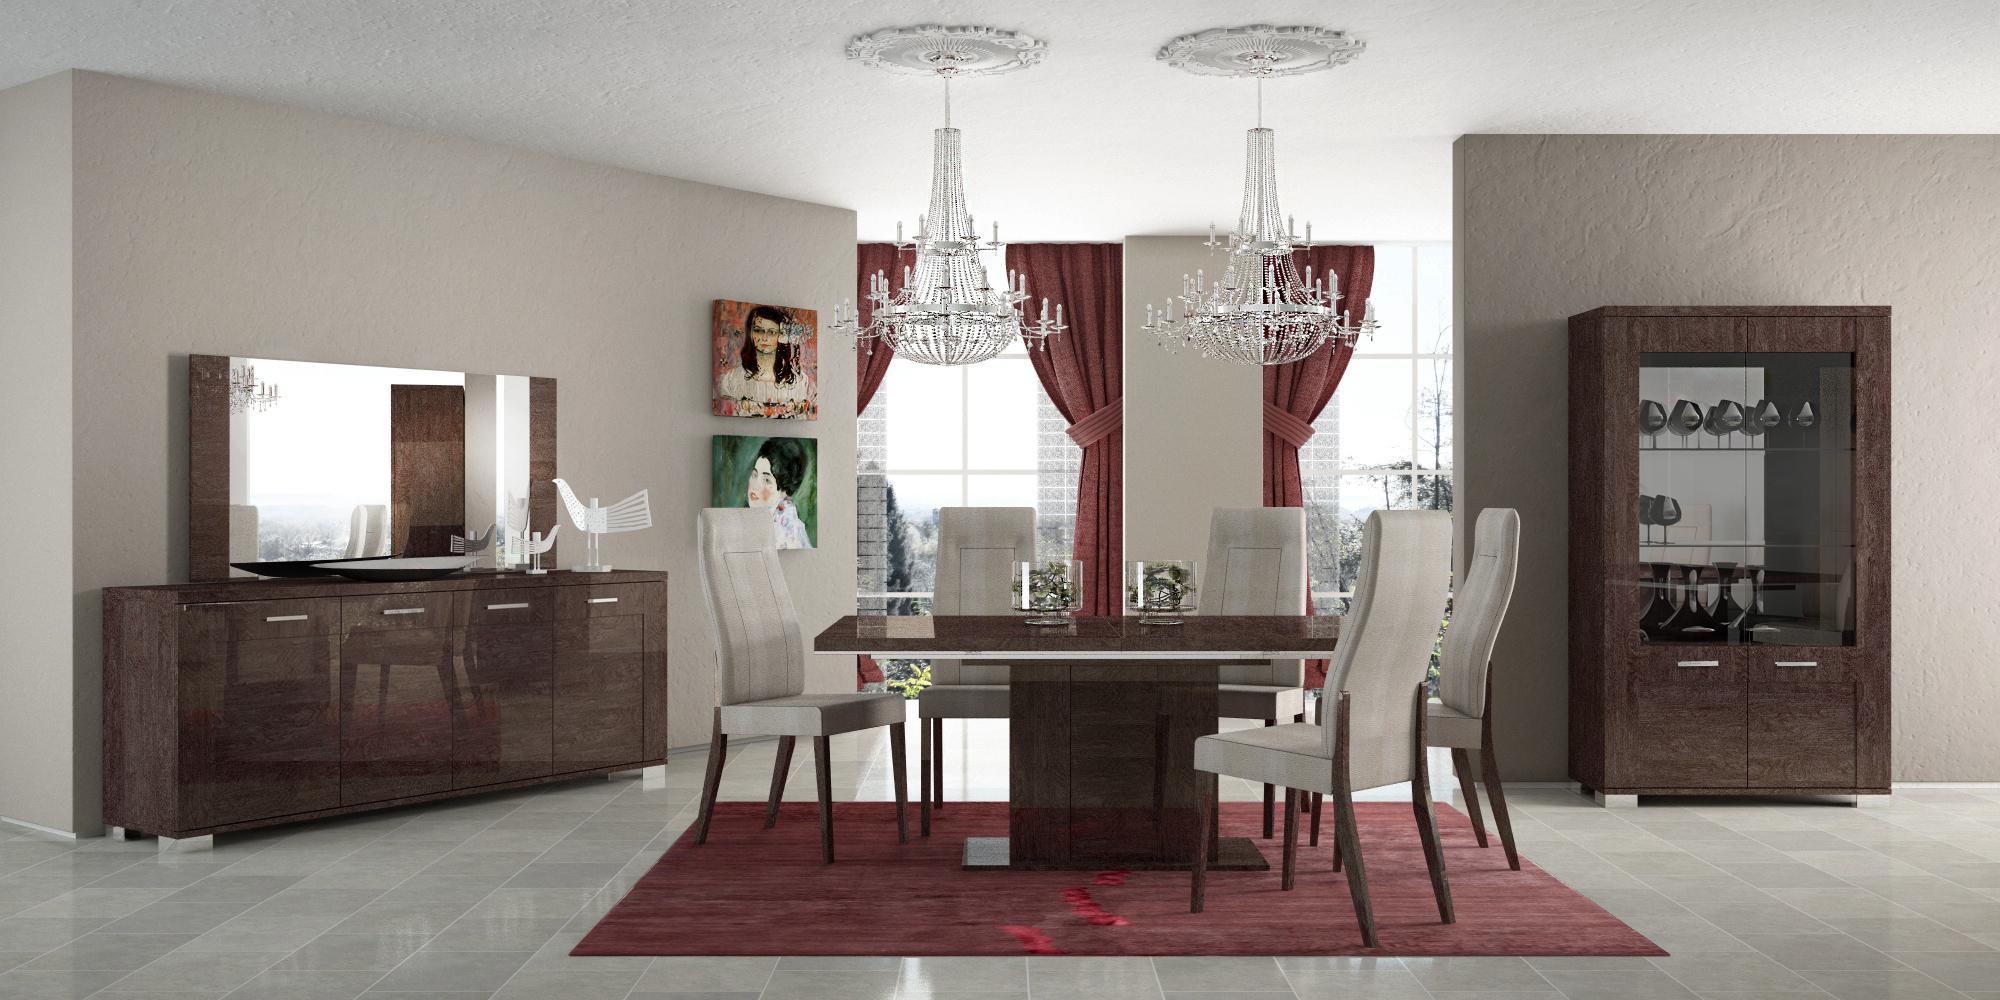 Prestige Dining Modern Formal Dining Sets Dining Room Furniture - Modern formal dining rooms